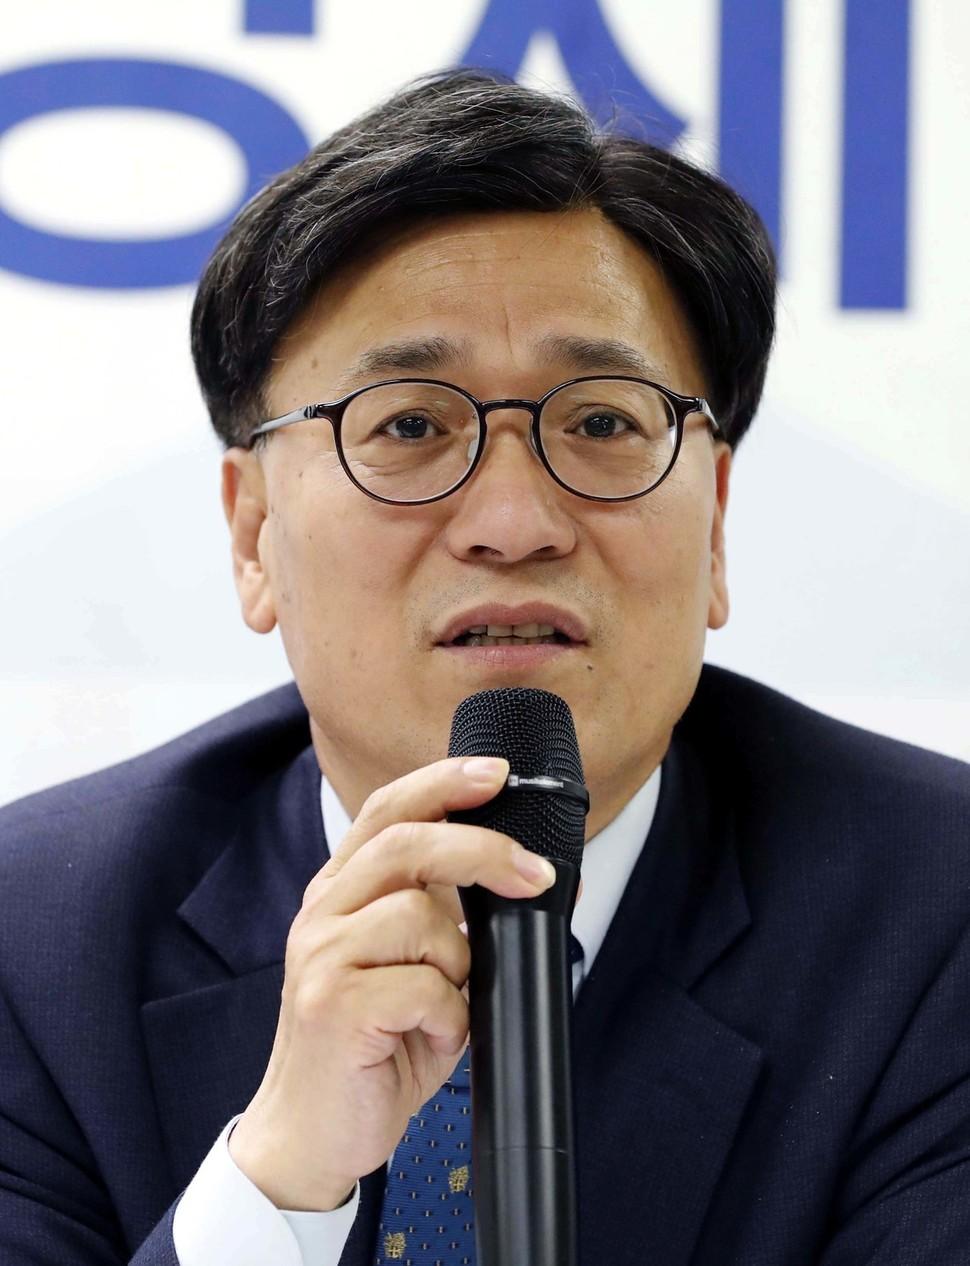 이회수 더불어민주당 정책위원회 부의장